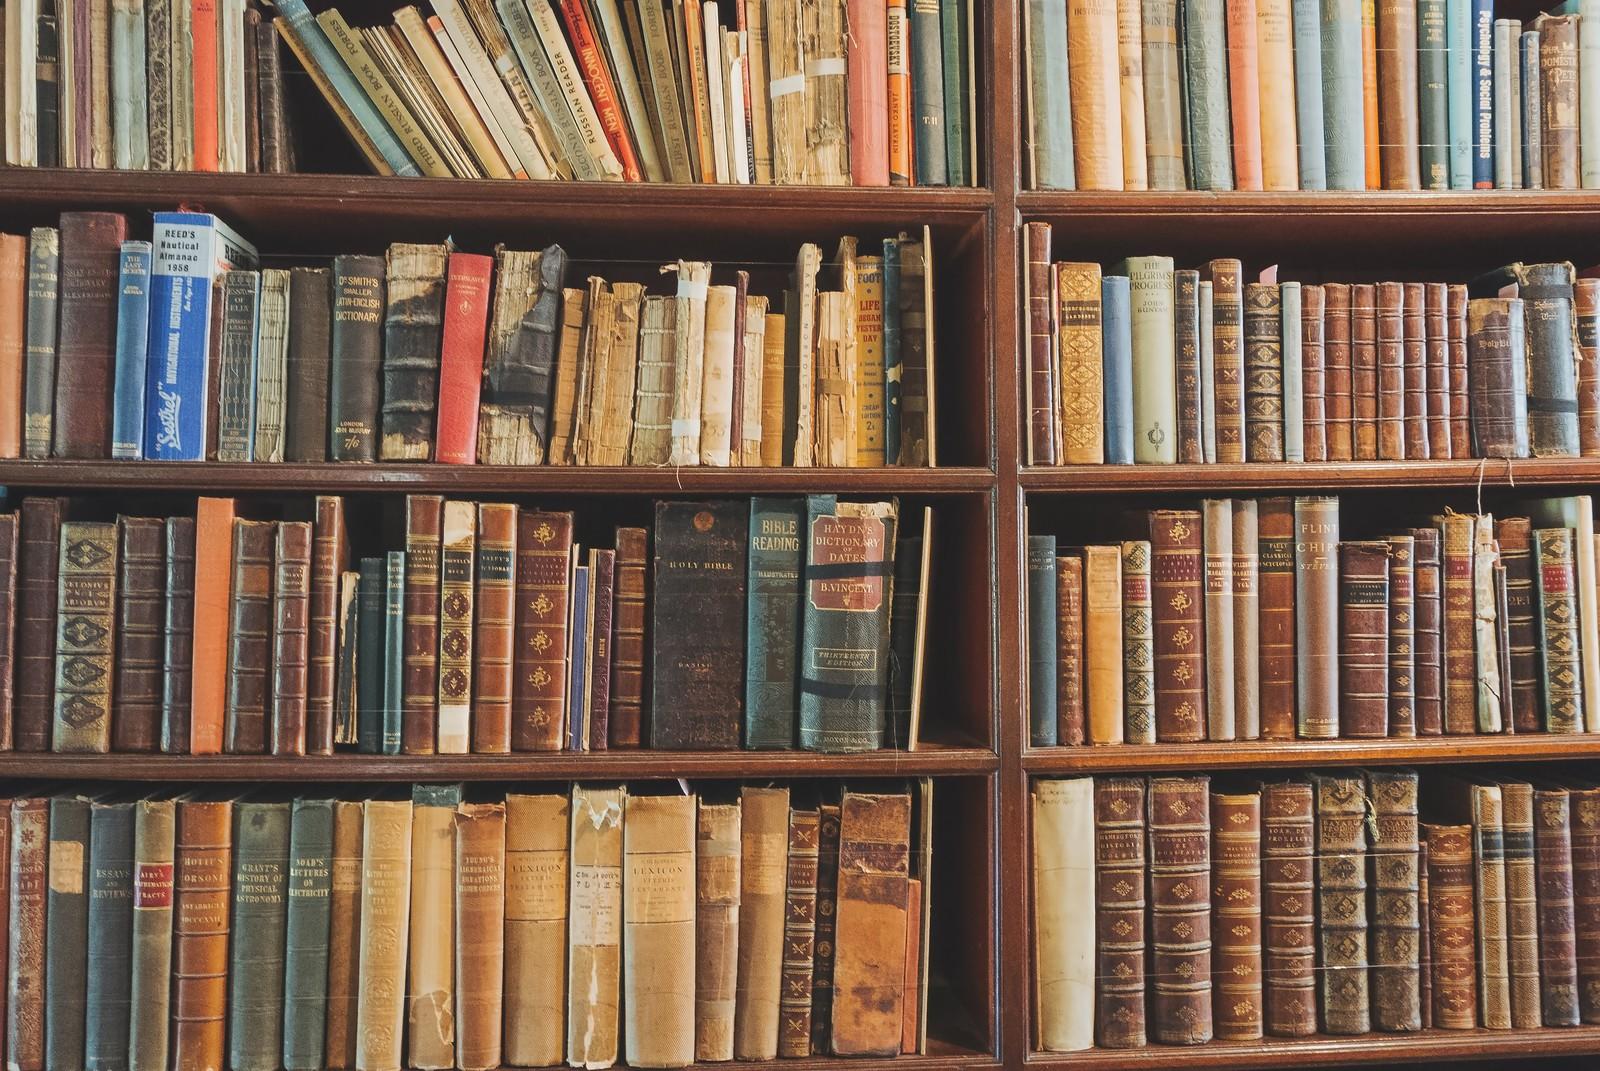 ハーバード大学図書館貼り紙20箇条②